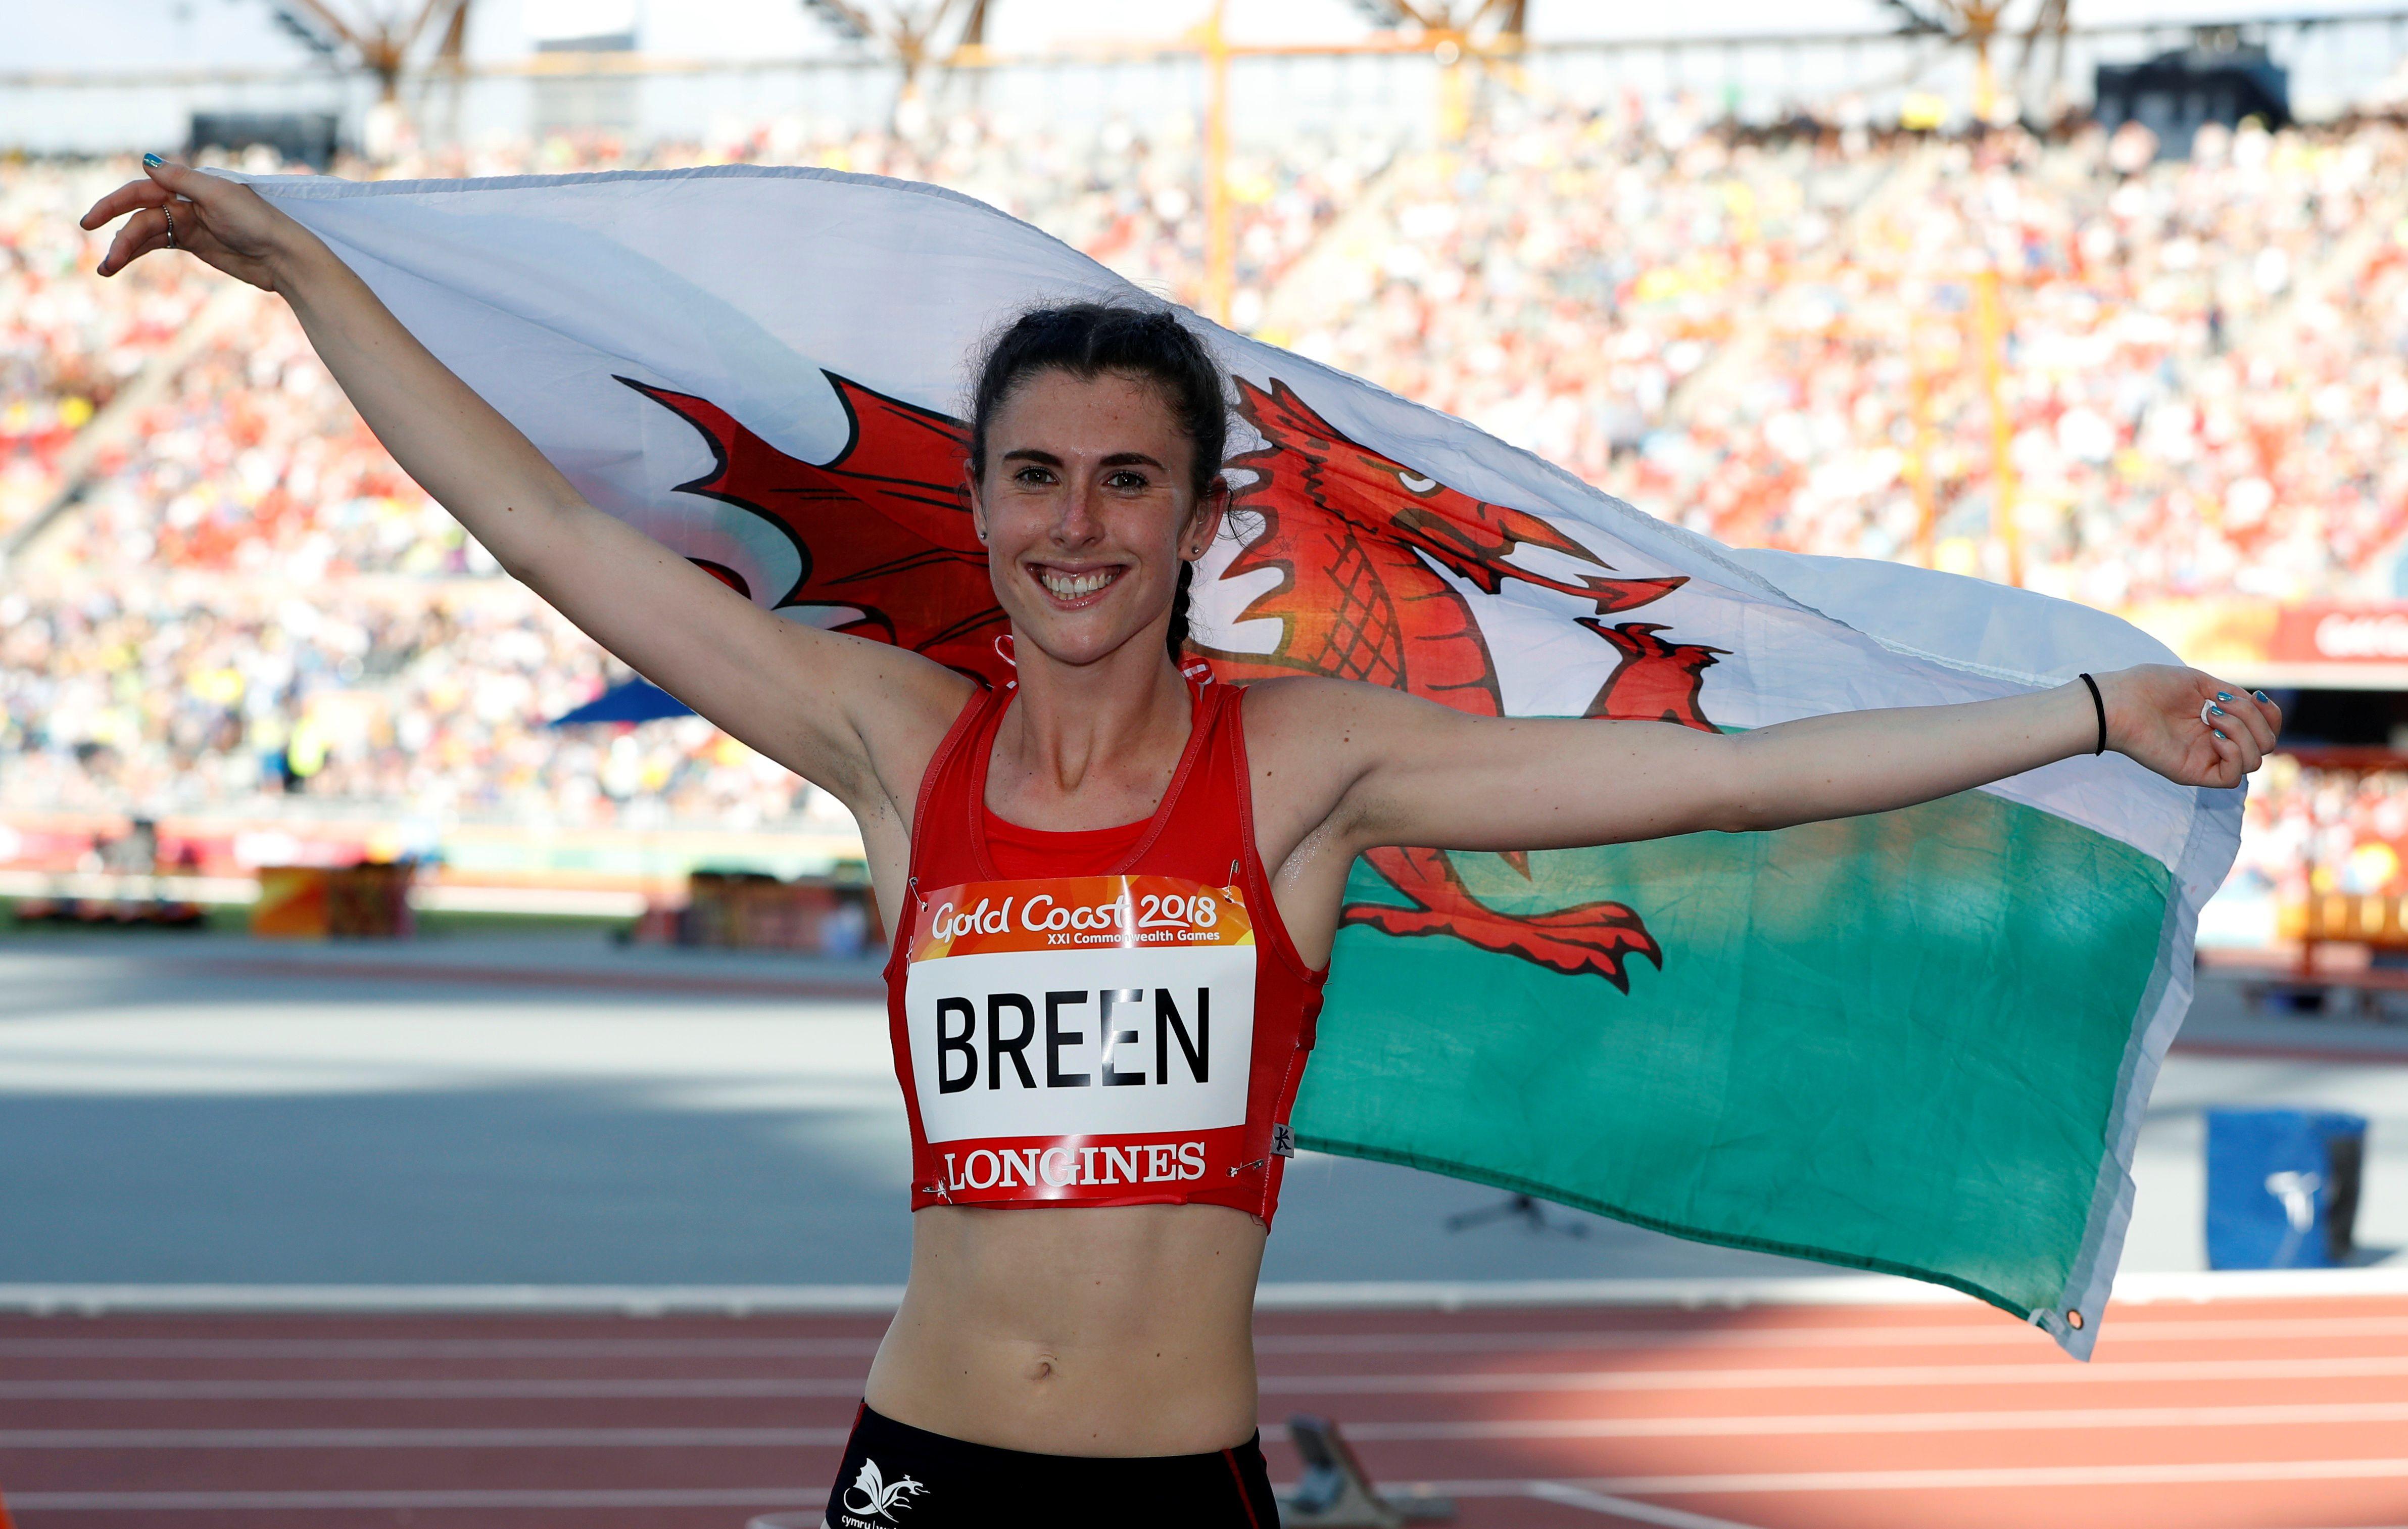 Olivia Breen ganó una medalla de bronce en Londres 2012 (Reuters)